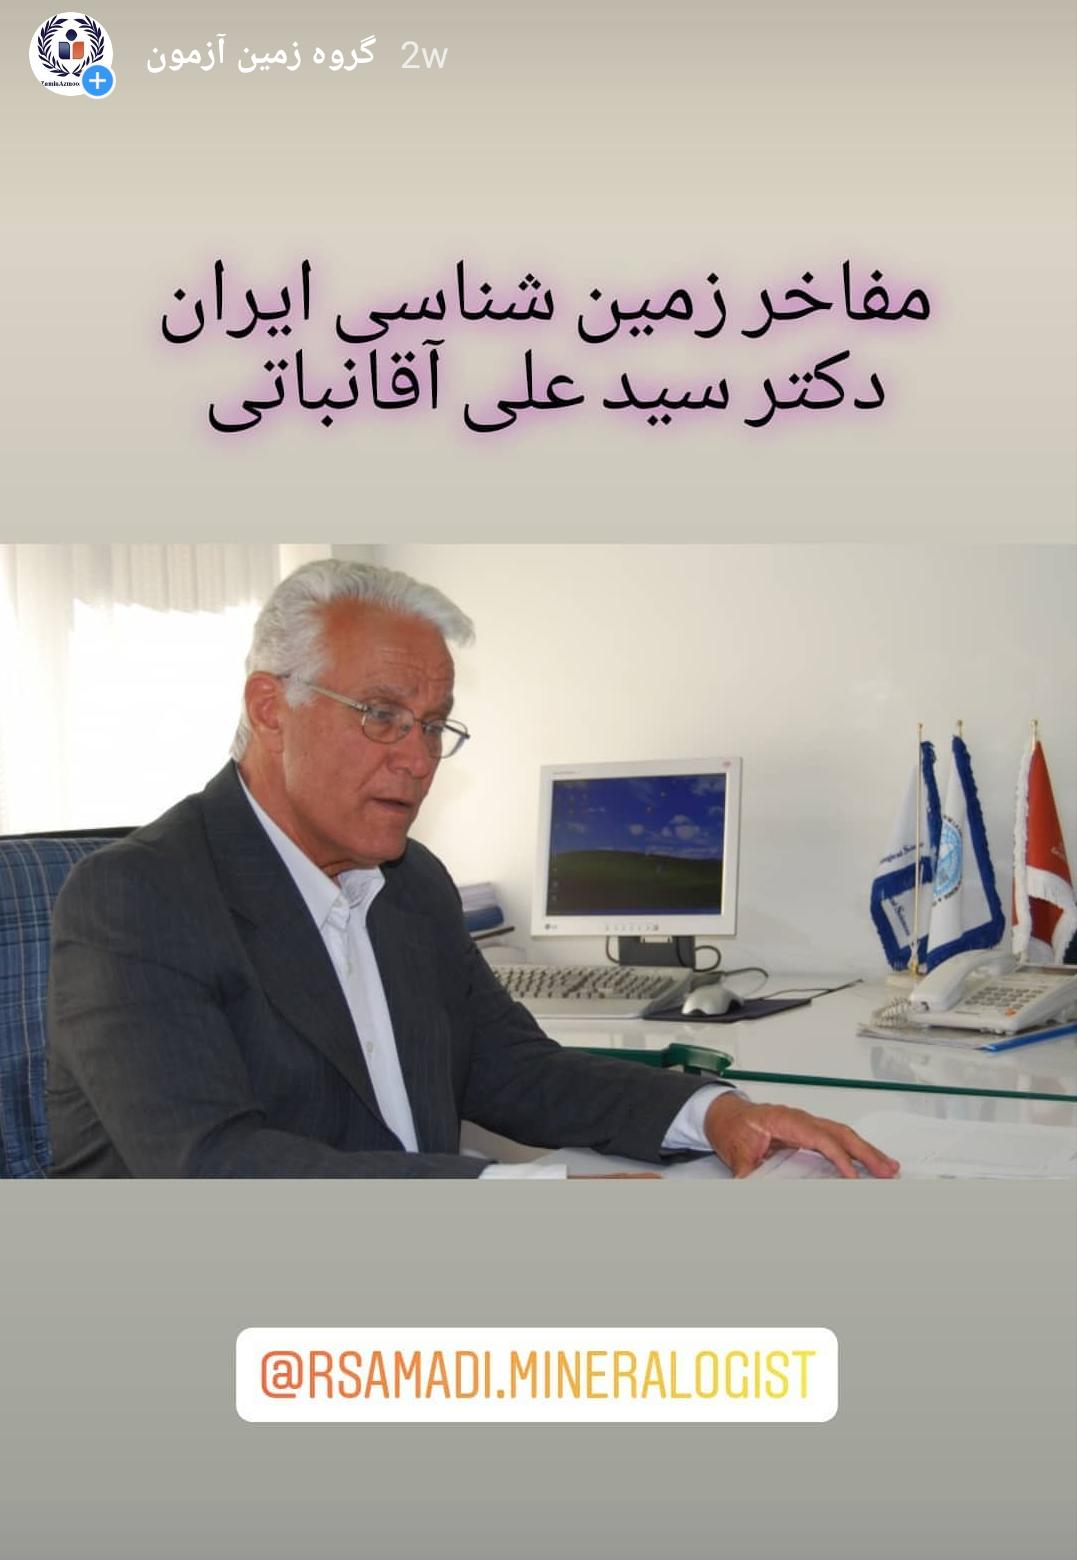 دکتر سید علی آقا نباتی